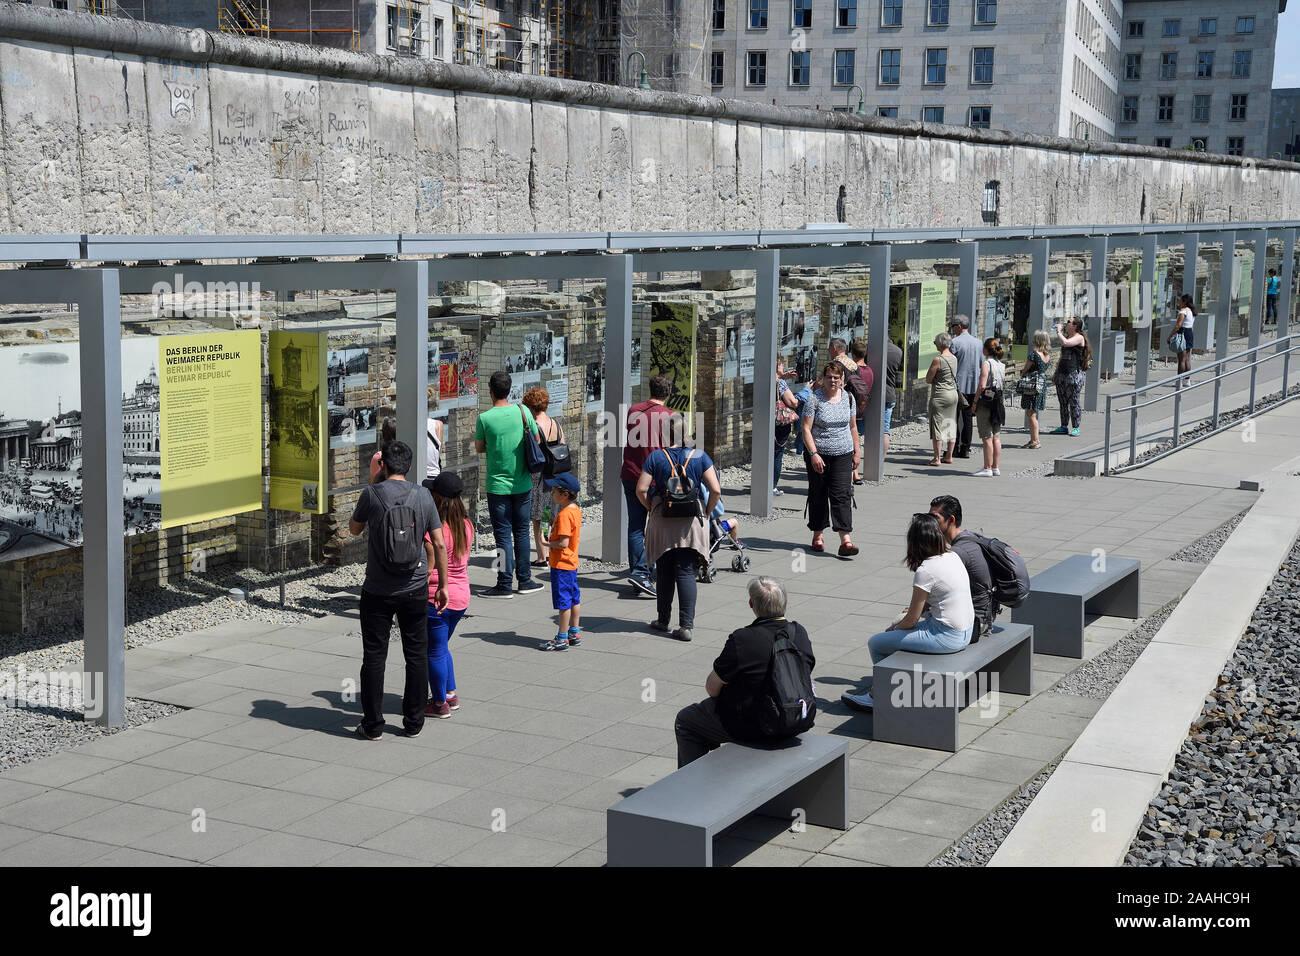 Ehemaliges Gelände der Gestapo, der SS und des Reichssicherheitshauptamts, Ausstellung Topographie des Terrors, hinten Mauerreste und das Detlev-Rohwe Stock Photo